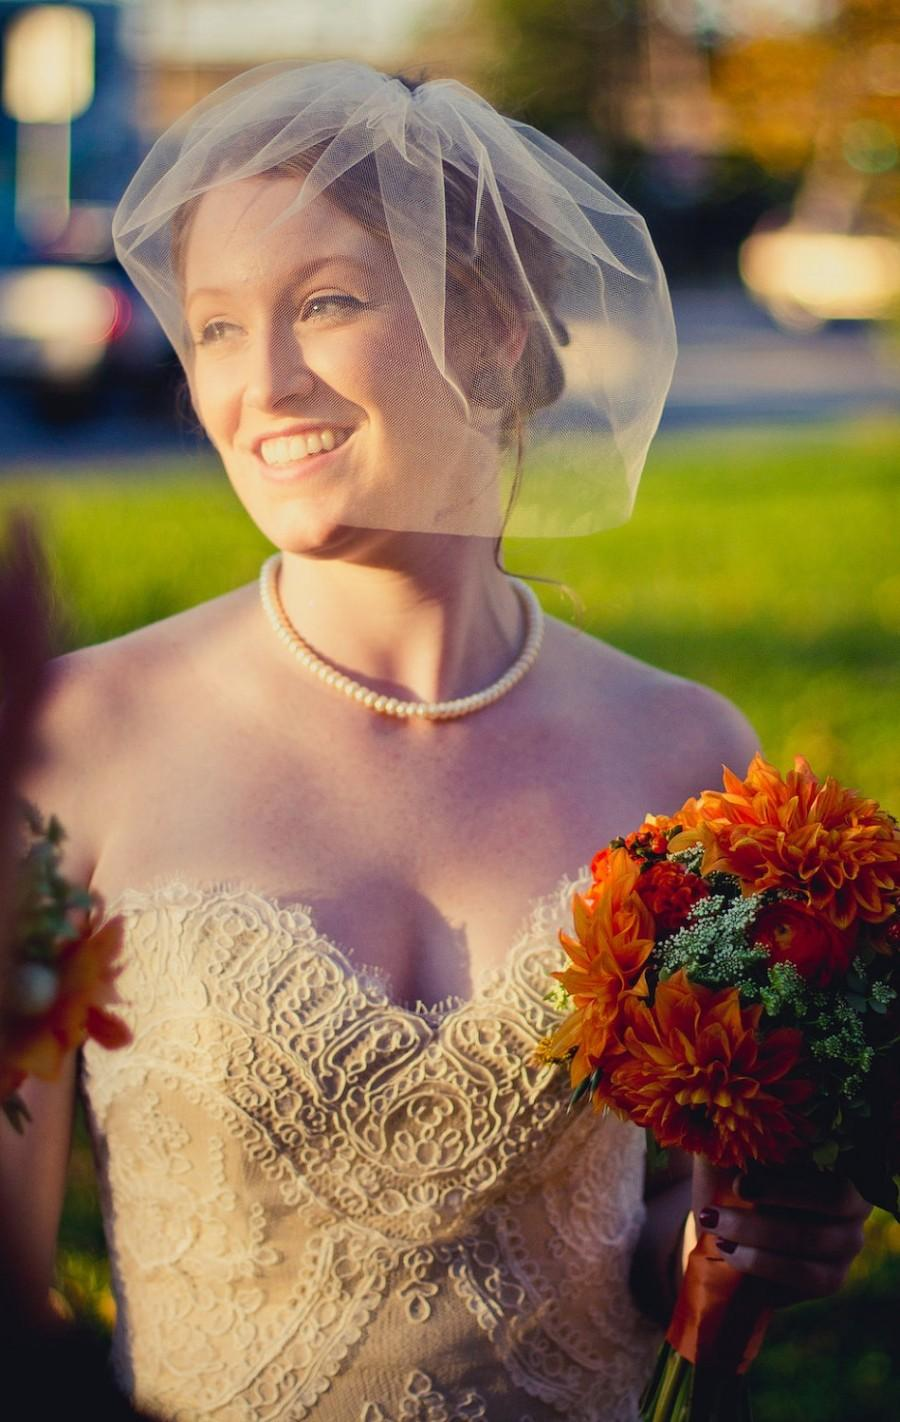 زفاف - Tulle blusher veil - 12 inch bridal veil